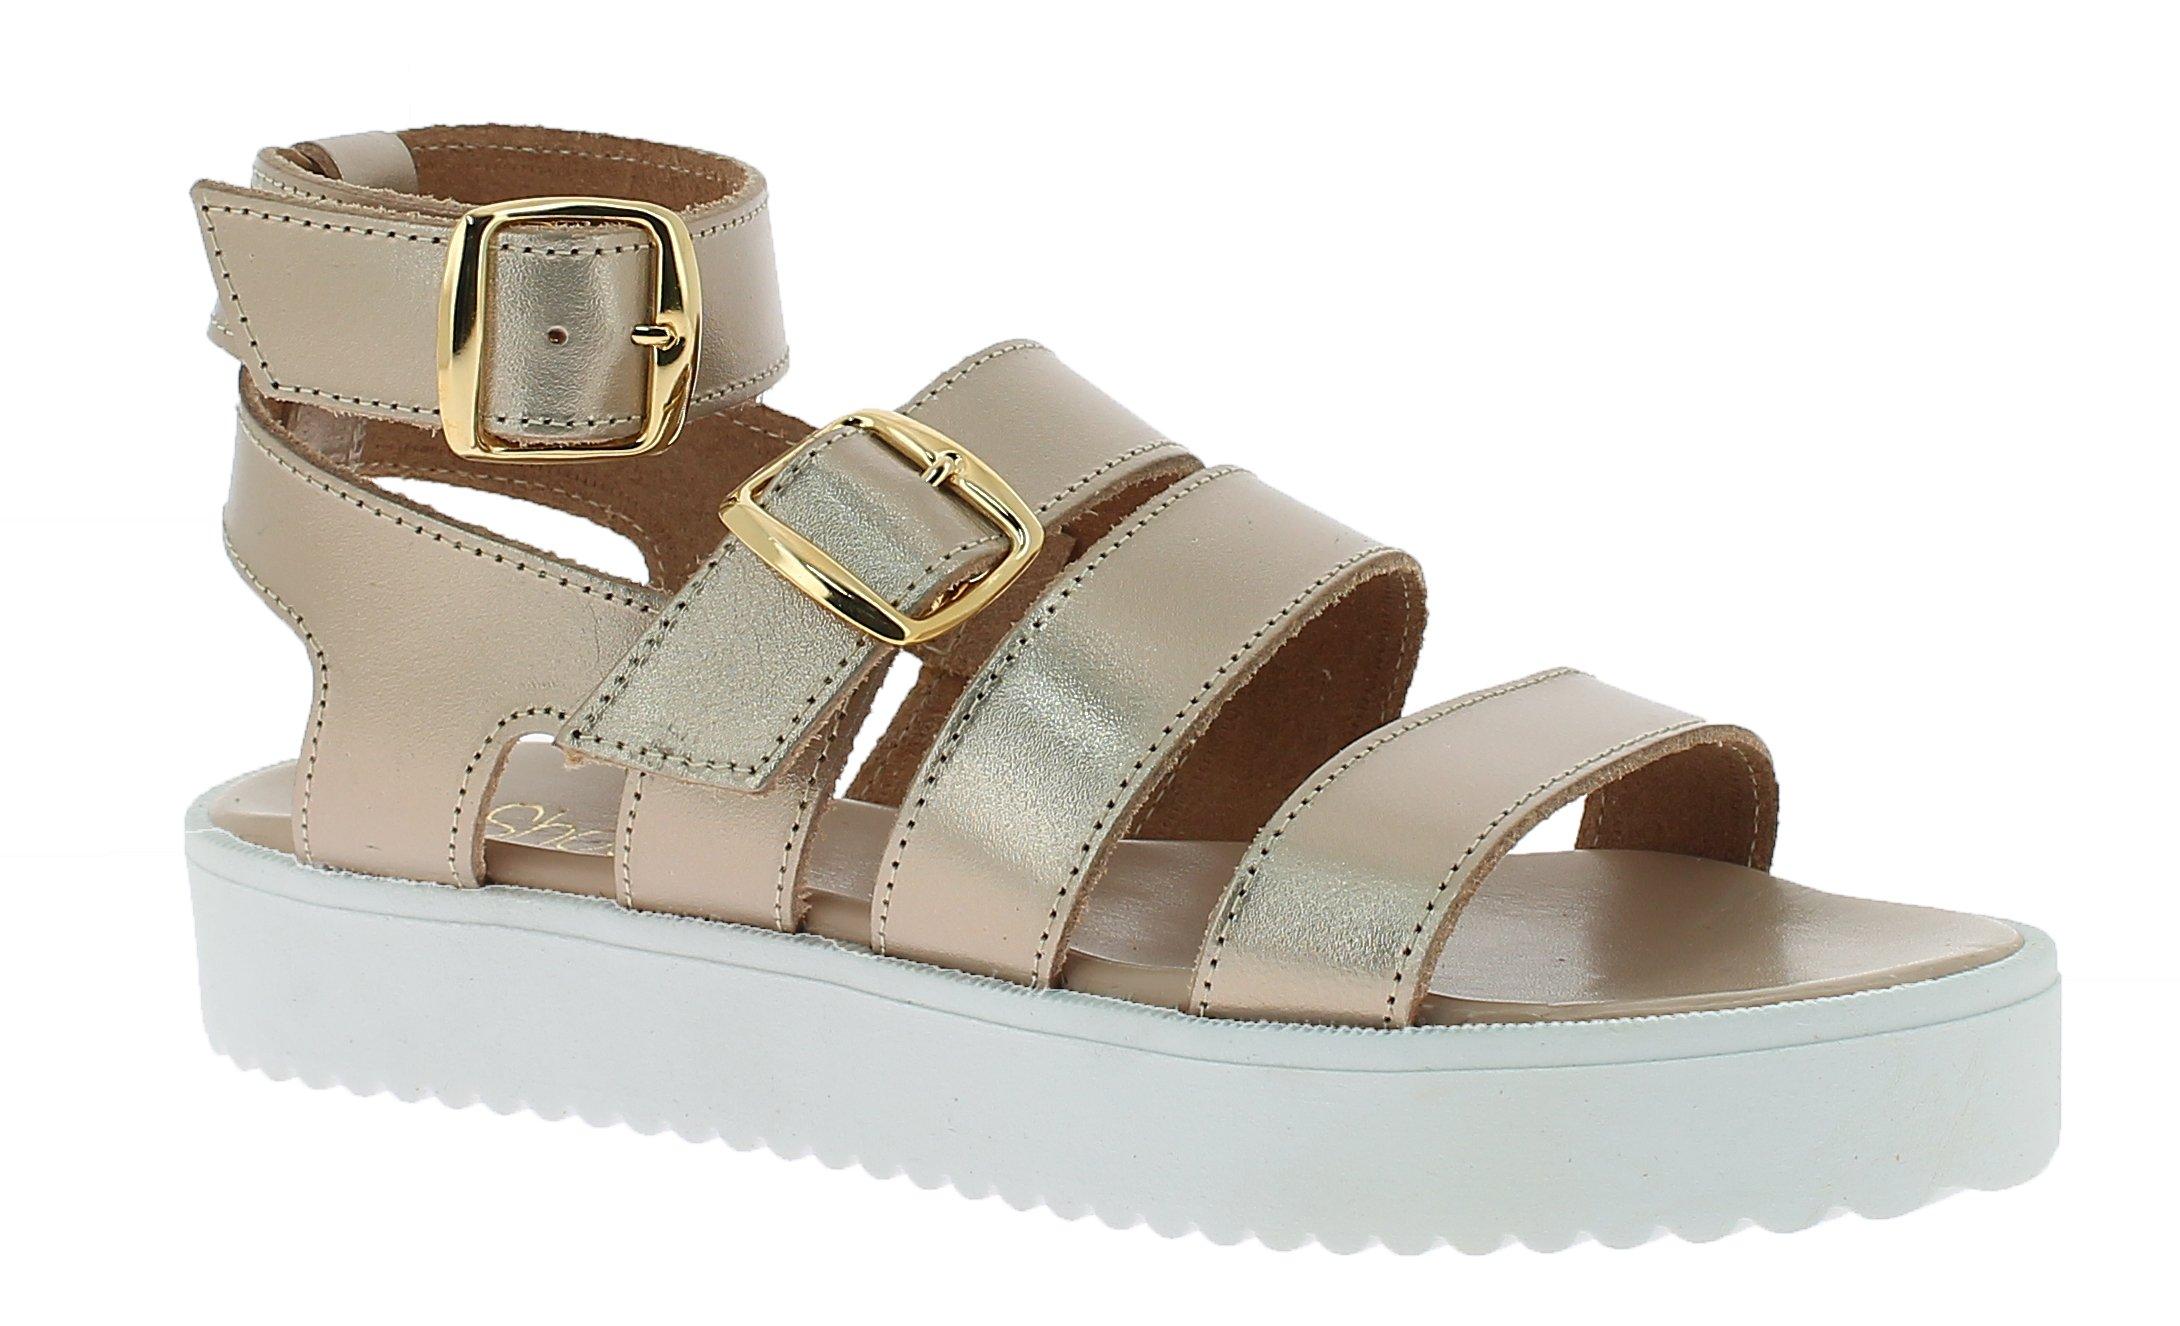 IQSHOES Γυναικείο Πέδιλο B85 Χρυσό - IqShoes - 50.B85 gold-gold-38/1/34/11 παπούτσια  προσφορεσ